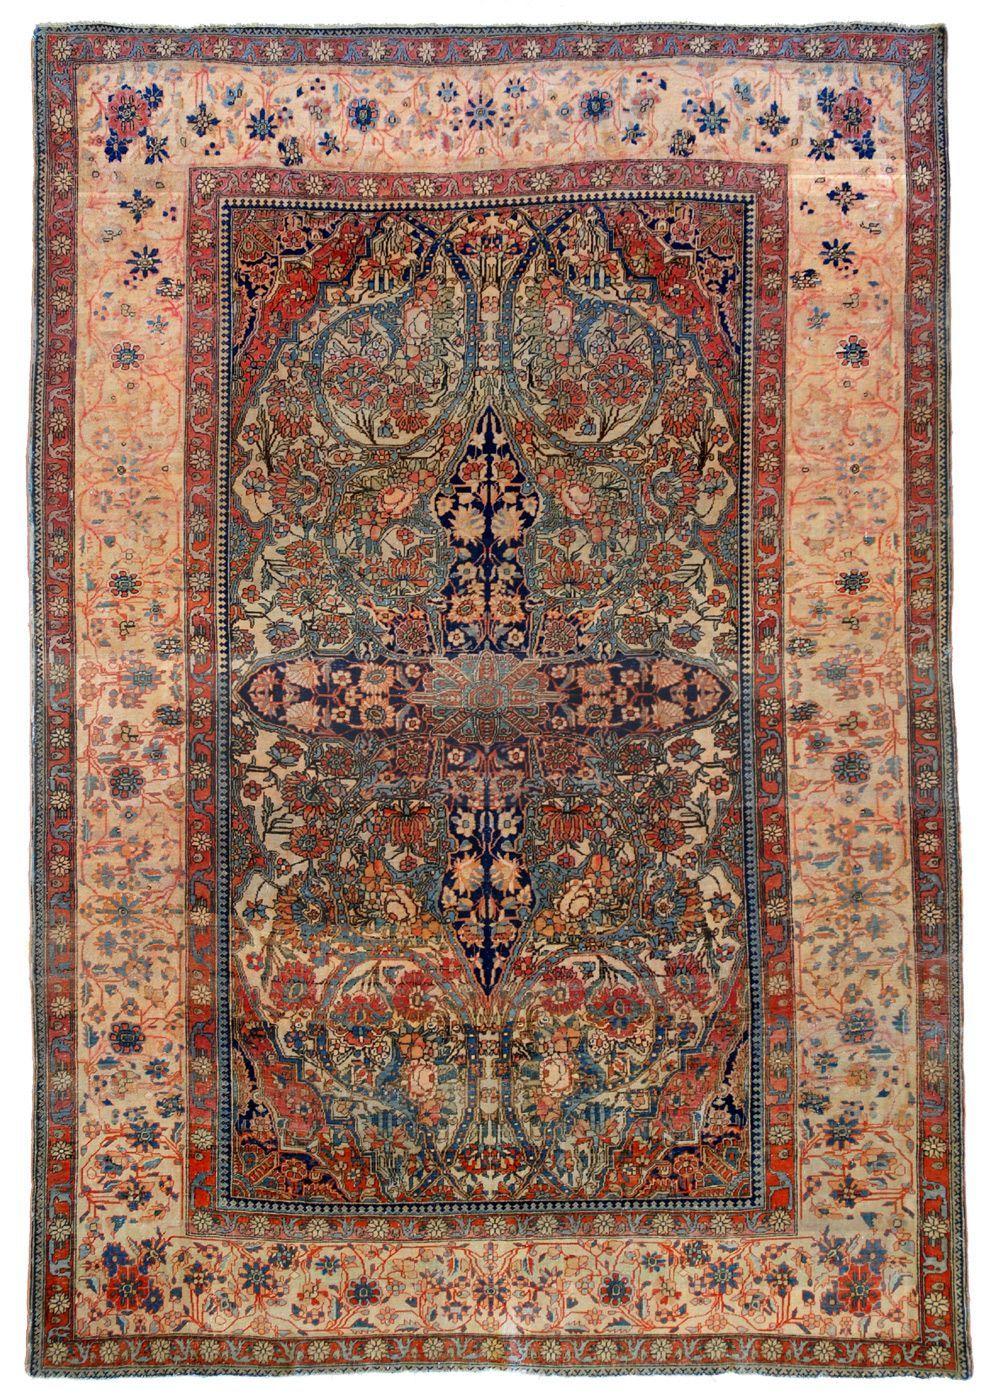 Tappeto Kashan Mohtashem Xix Secolo Persianrugs Rug Texture